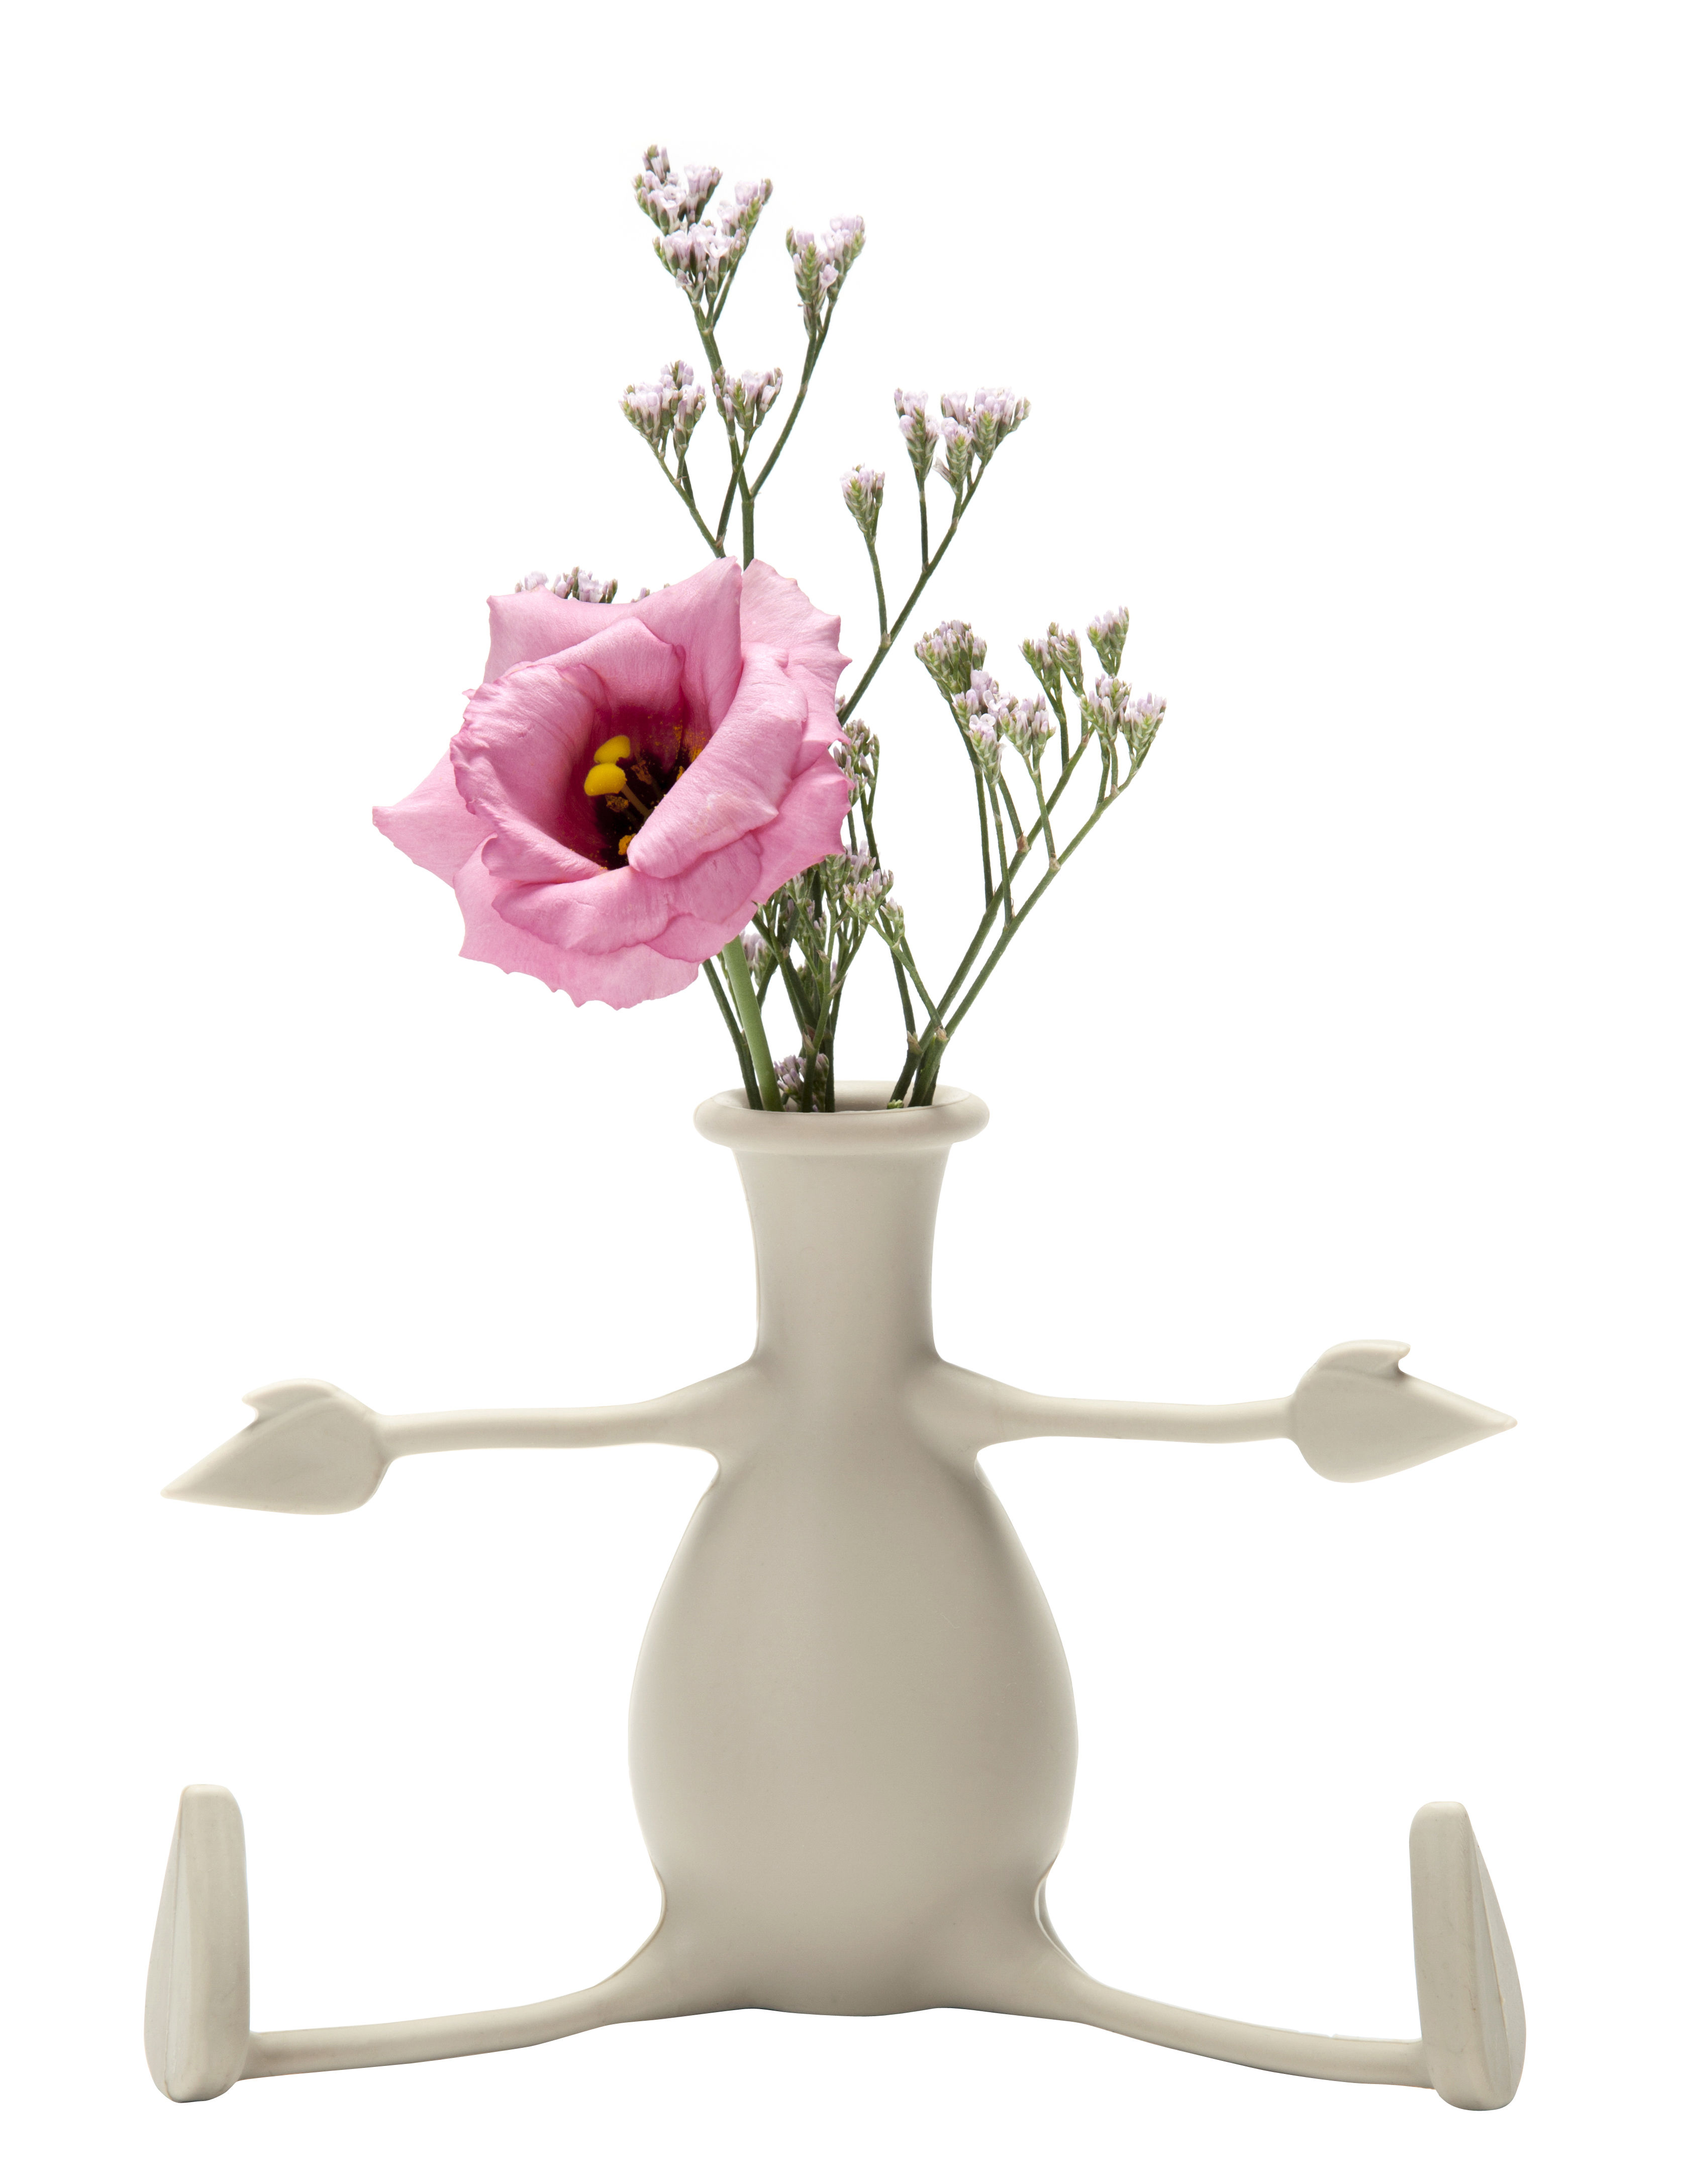 Interni - Vasi - Vaso Florino - / Silicone - Braccia e gambe flessibili di Pa Design - Grigio-beige  - Silicone